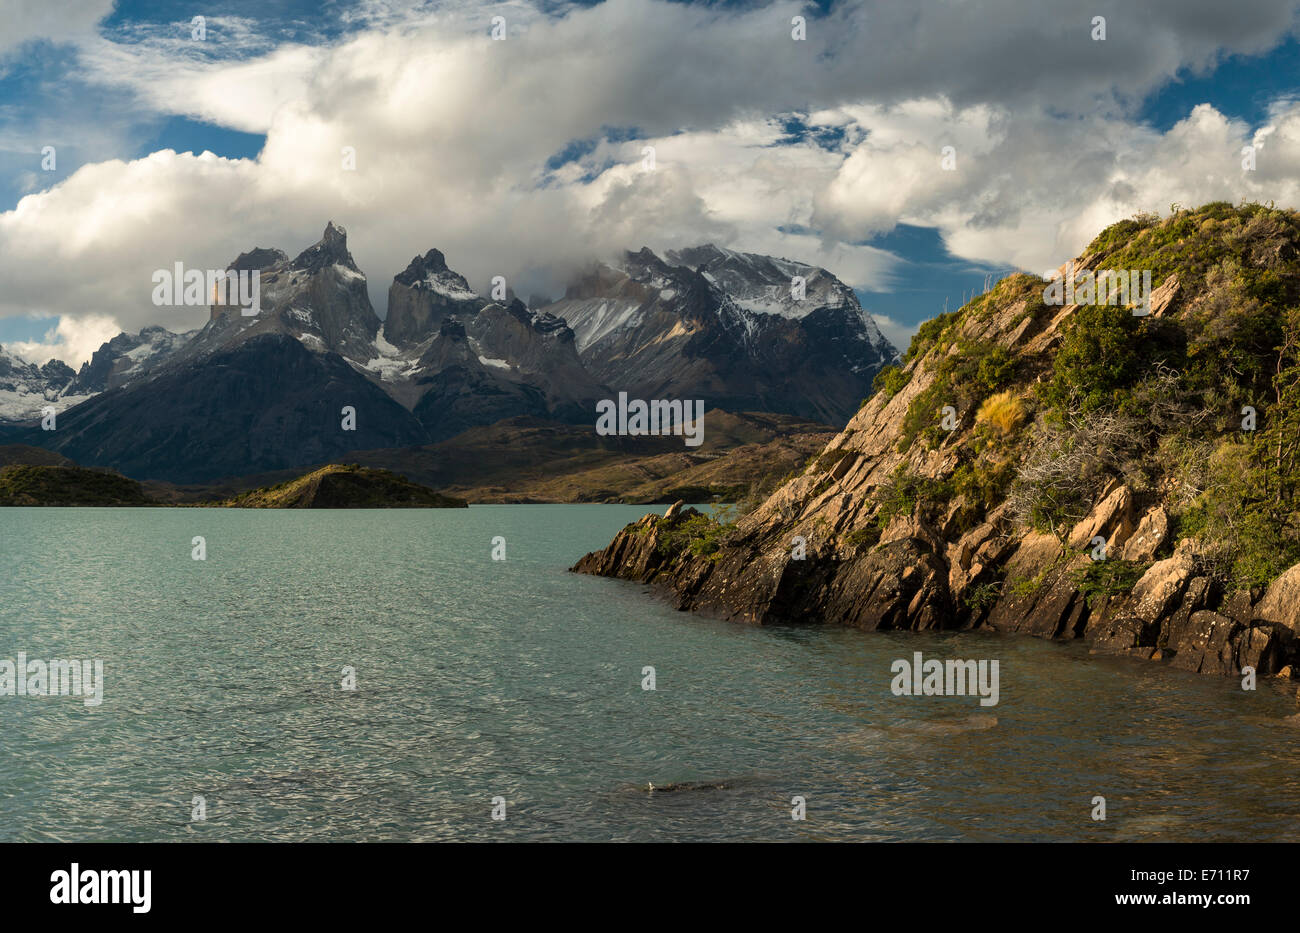 L'aube sur le Lago Pehoe, Parc National Torres del Paine, Patagonie, Chili Banque D'Images